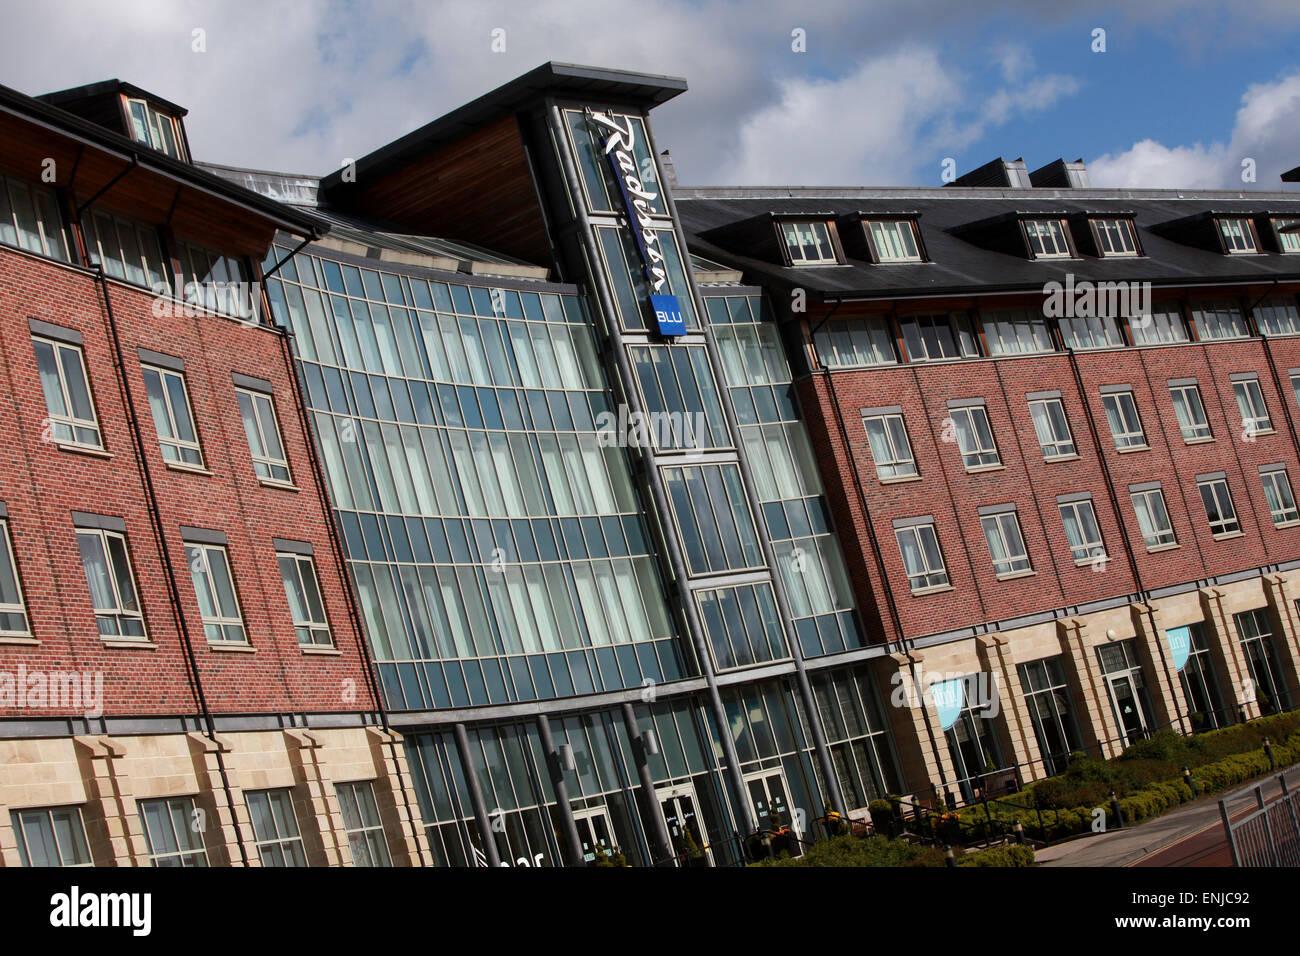 Radisson Blu Hotel Durham exterior Durham city centre - Stock Image